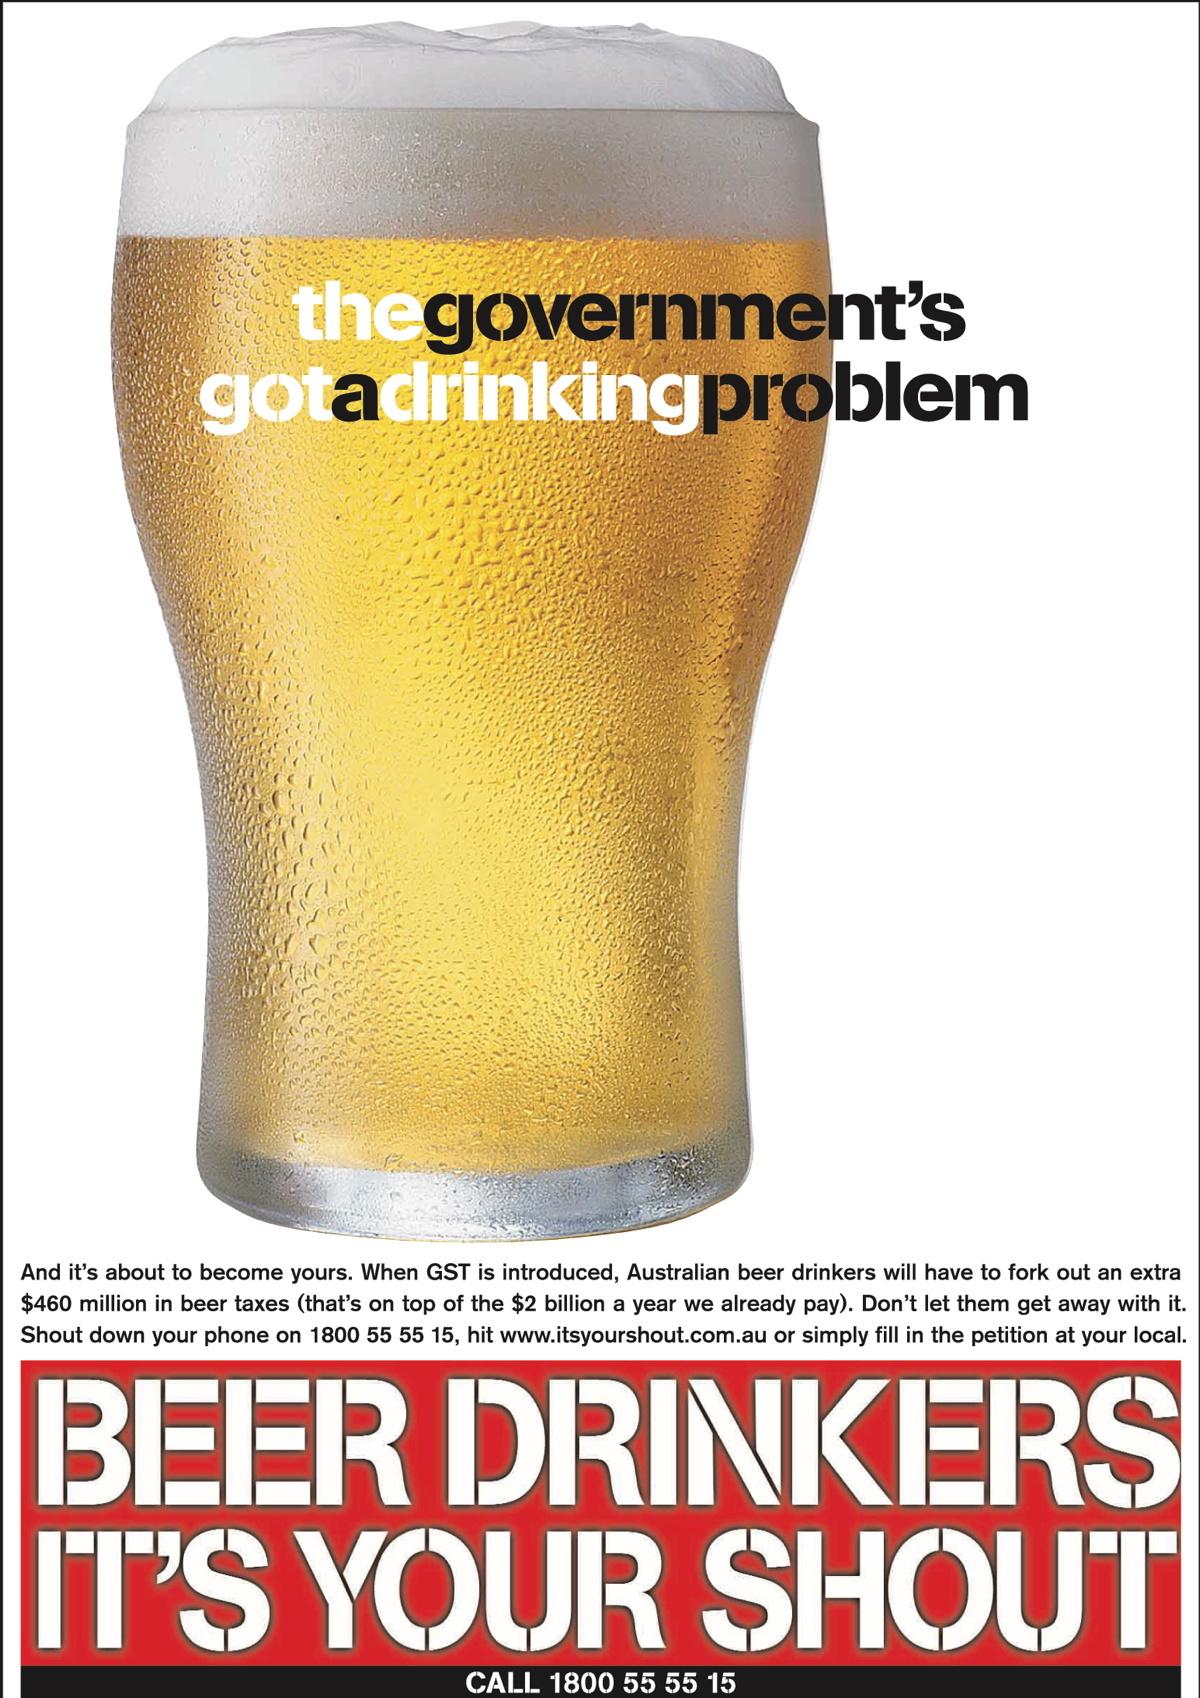 Aussie Beer - Problem